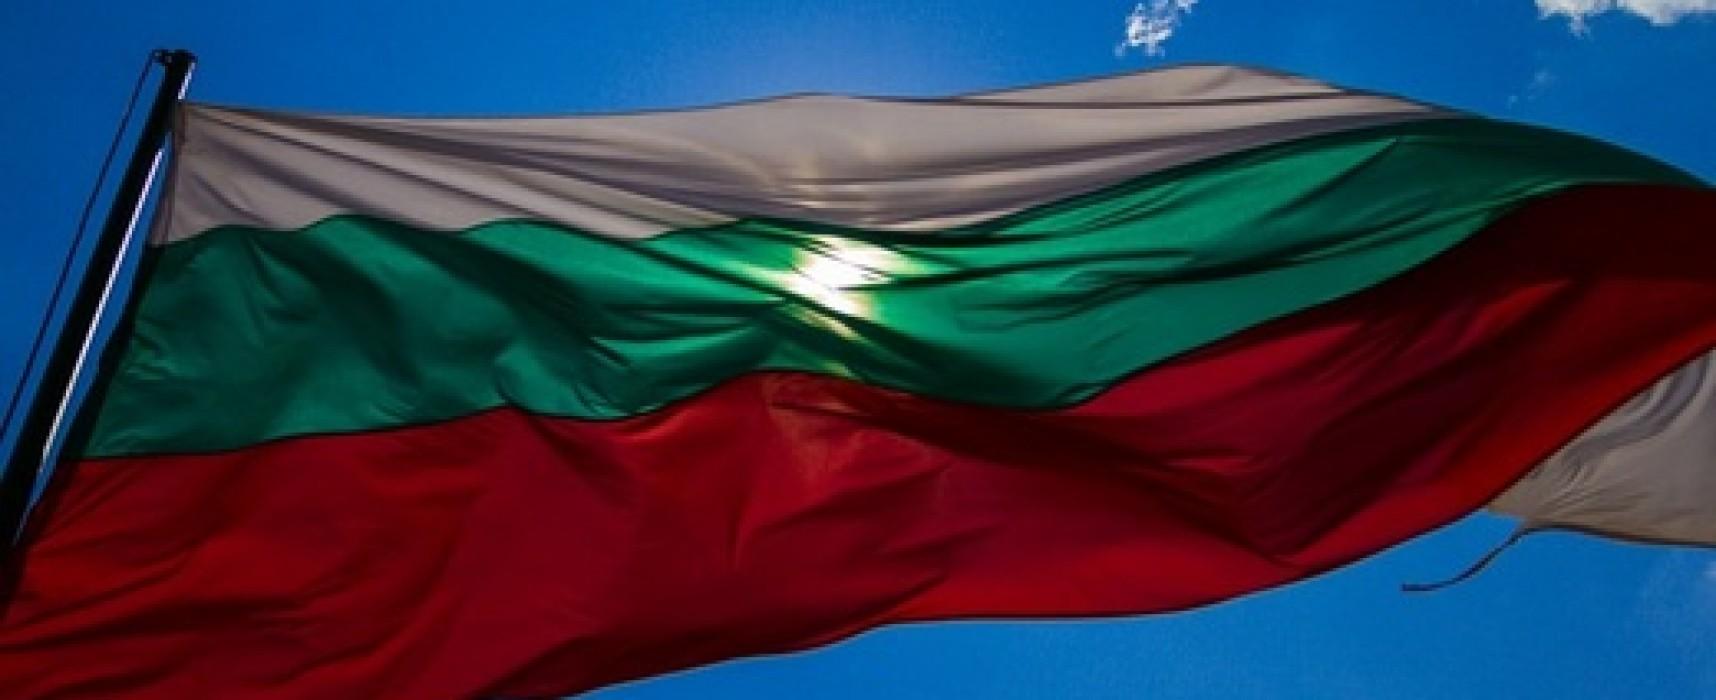 Фейк: Парламент Болгарии признал Крым территорией России